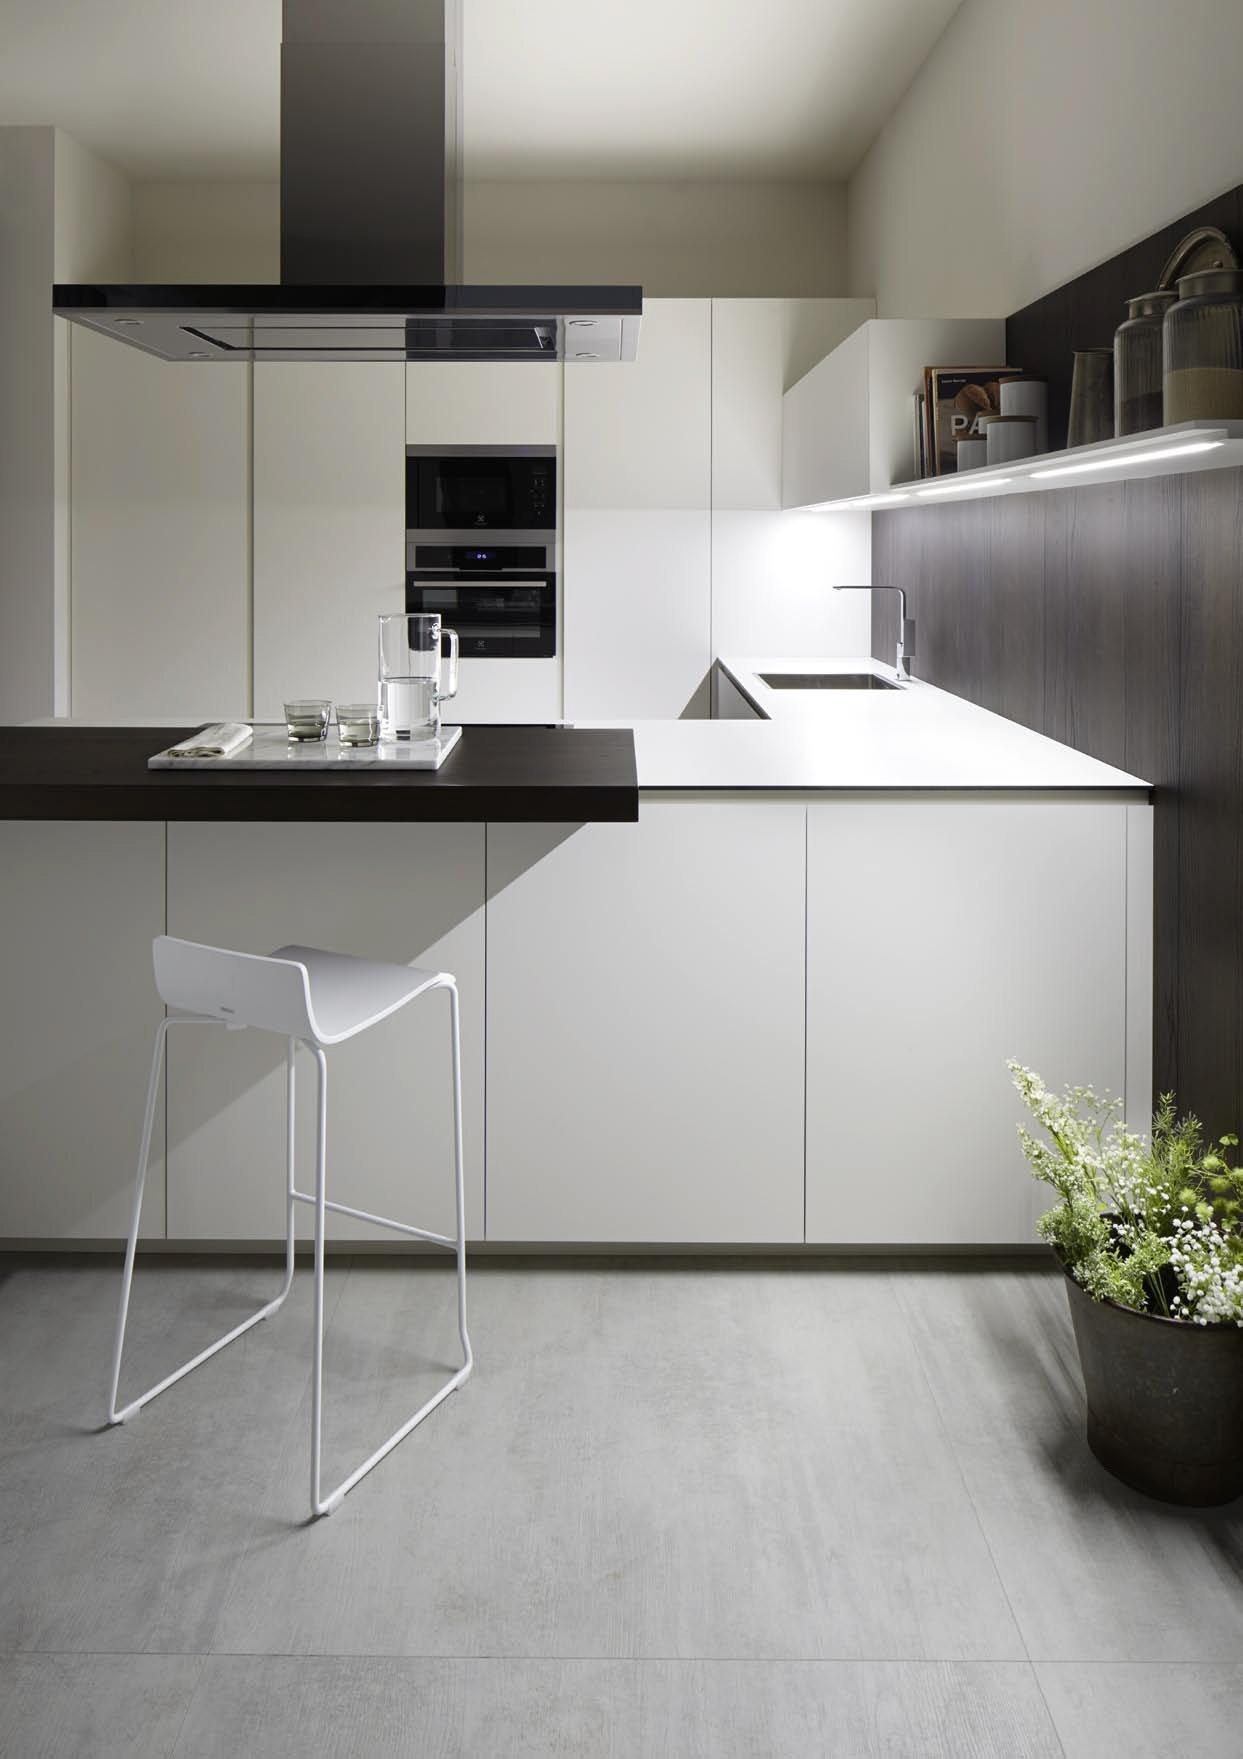 Tienda De Muebles En Madrid Cocinas Ba Os Y Armarios Graden ~ Accesorios Interior Armarios Cocina